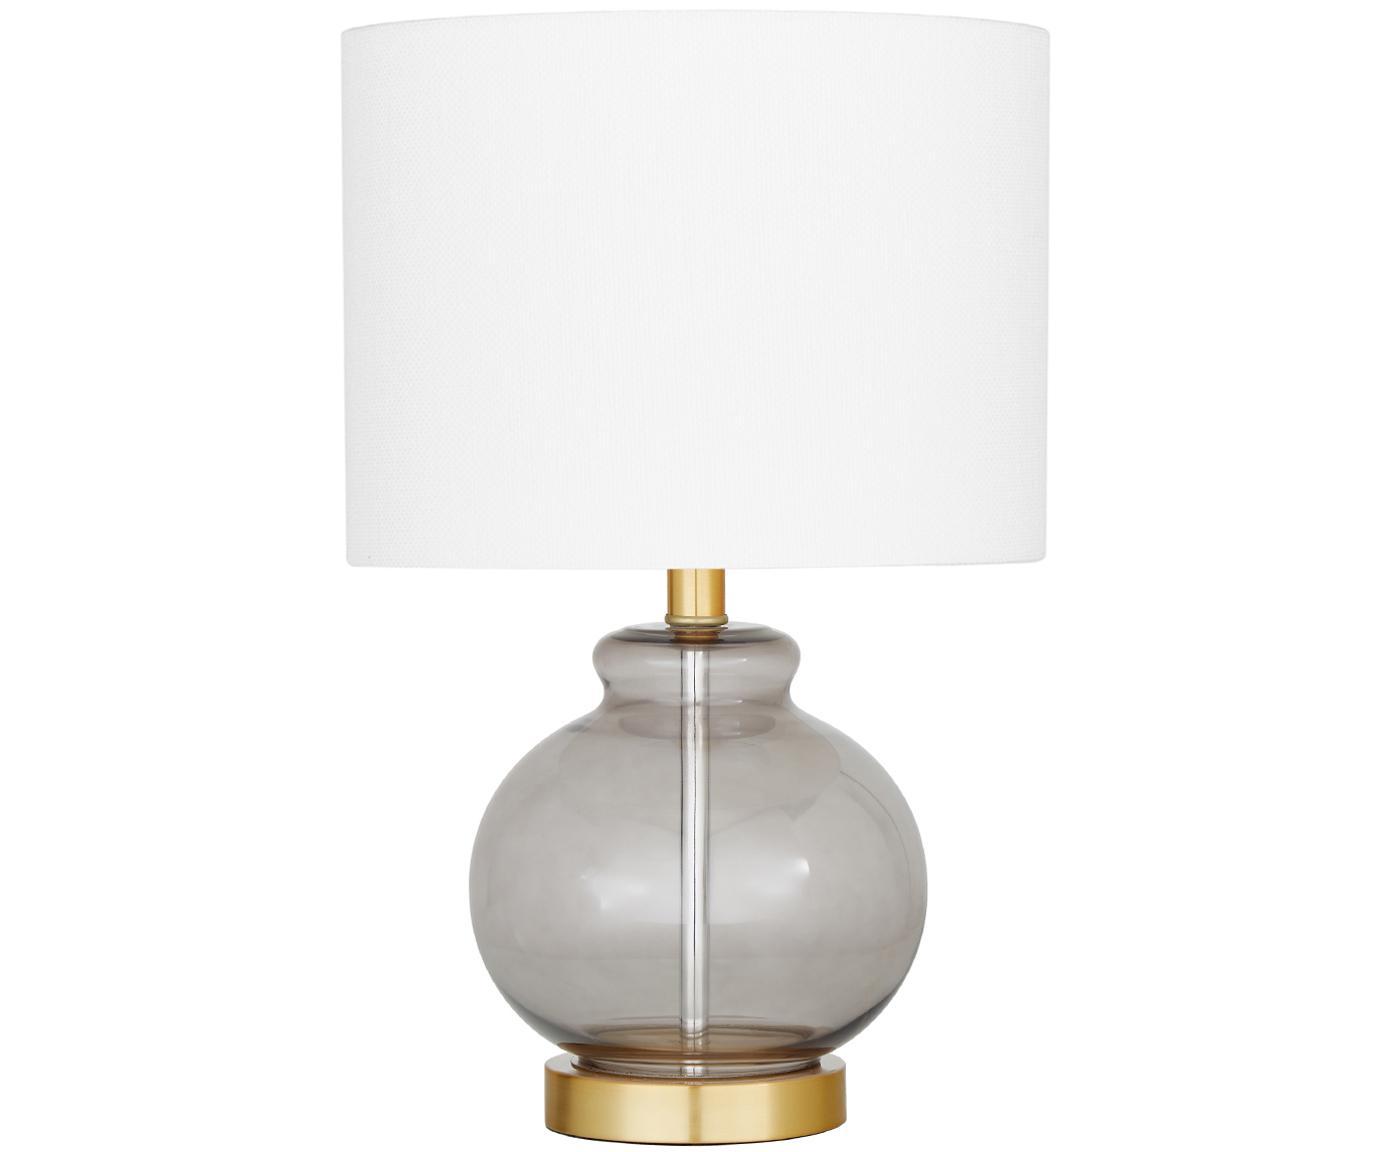 Lampa stołowa Natty, Biały, niebieskoszary, transparentny, Ø 31 x W 48 cm